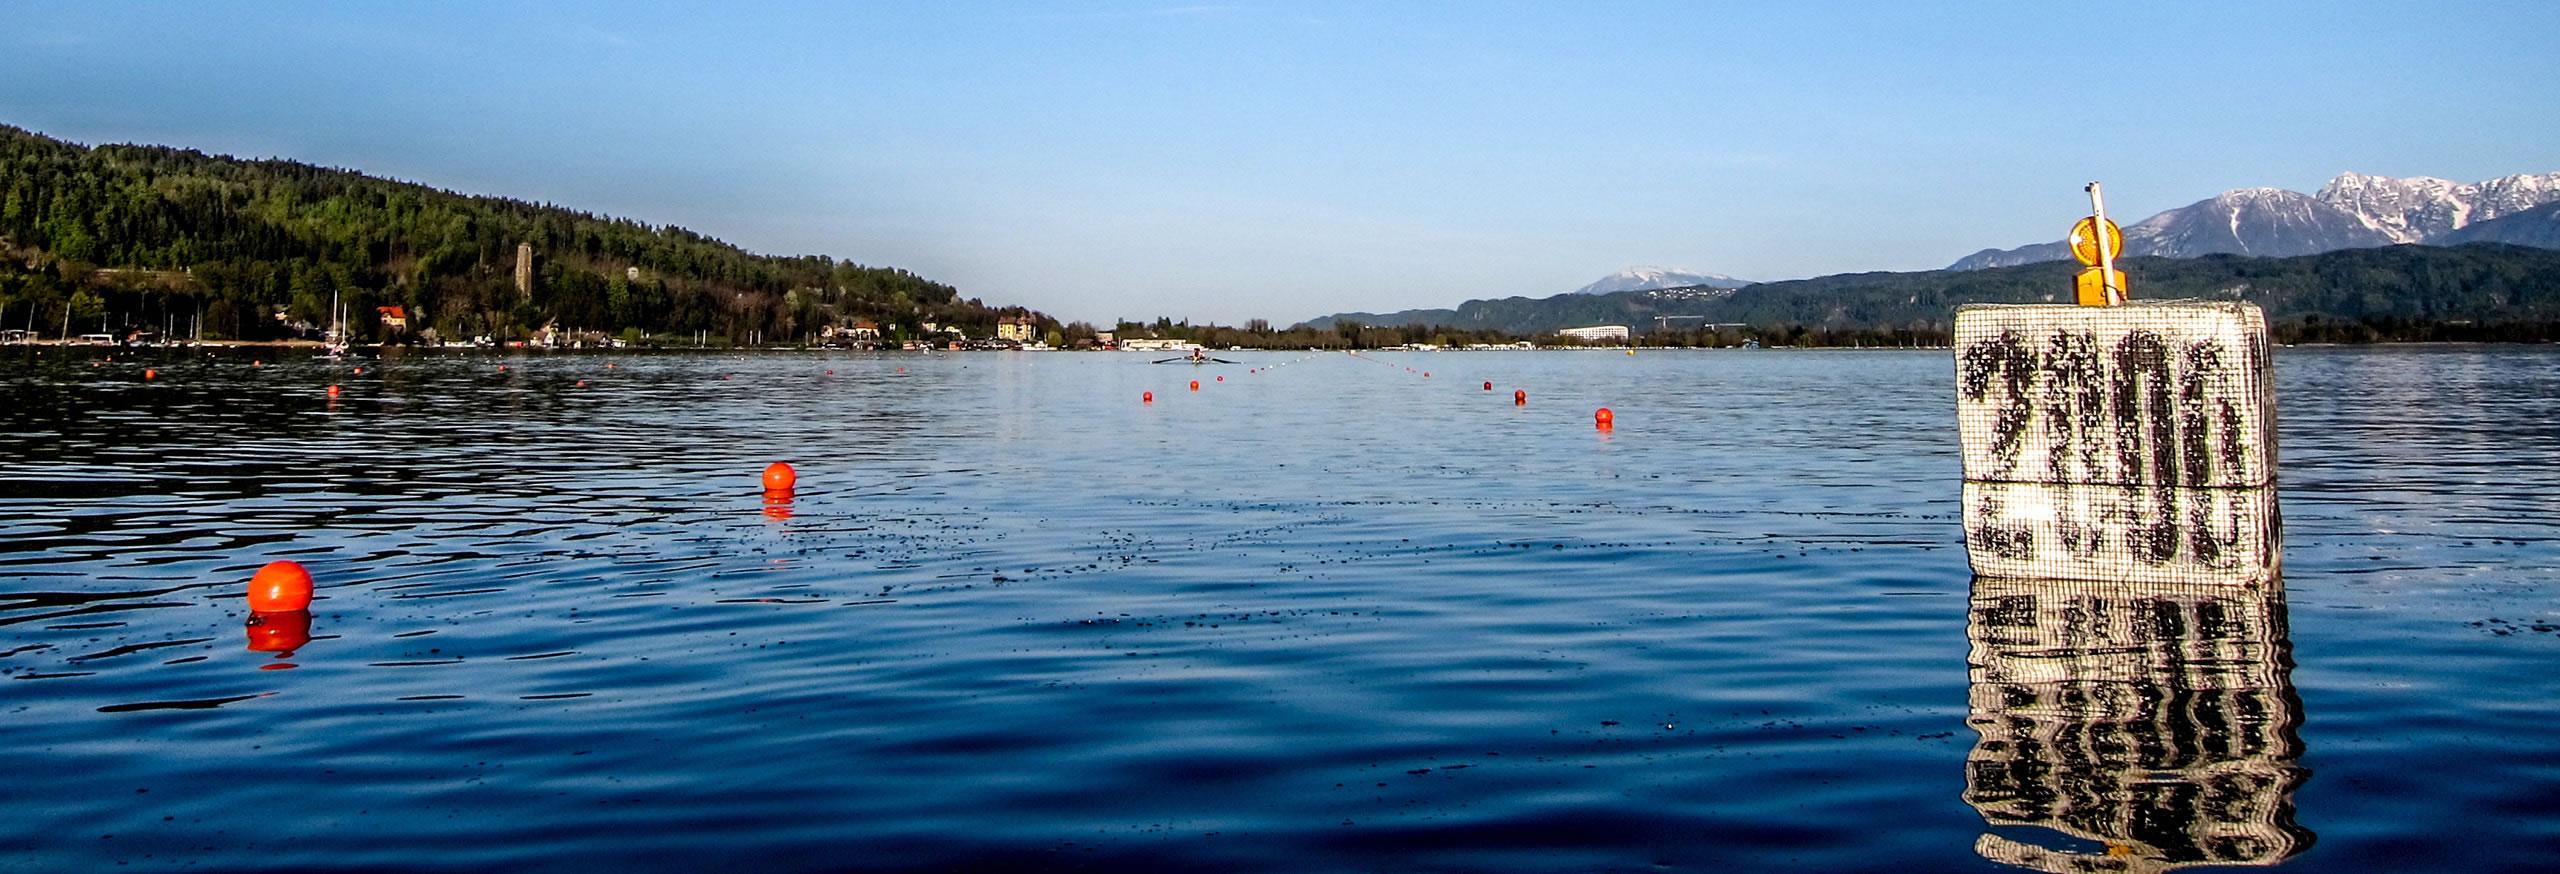 84. Kärntner Ruderregatta - Start 2000 m